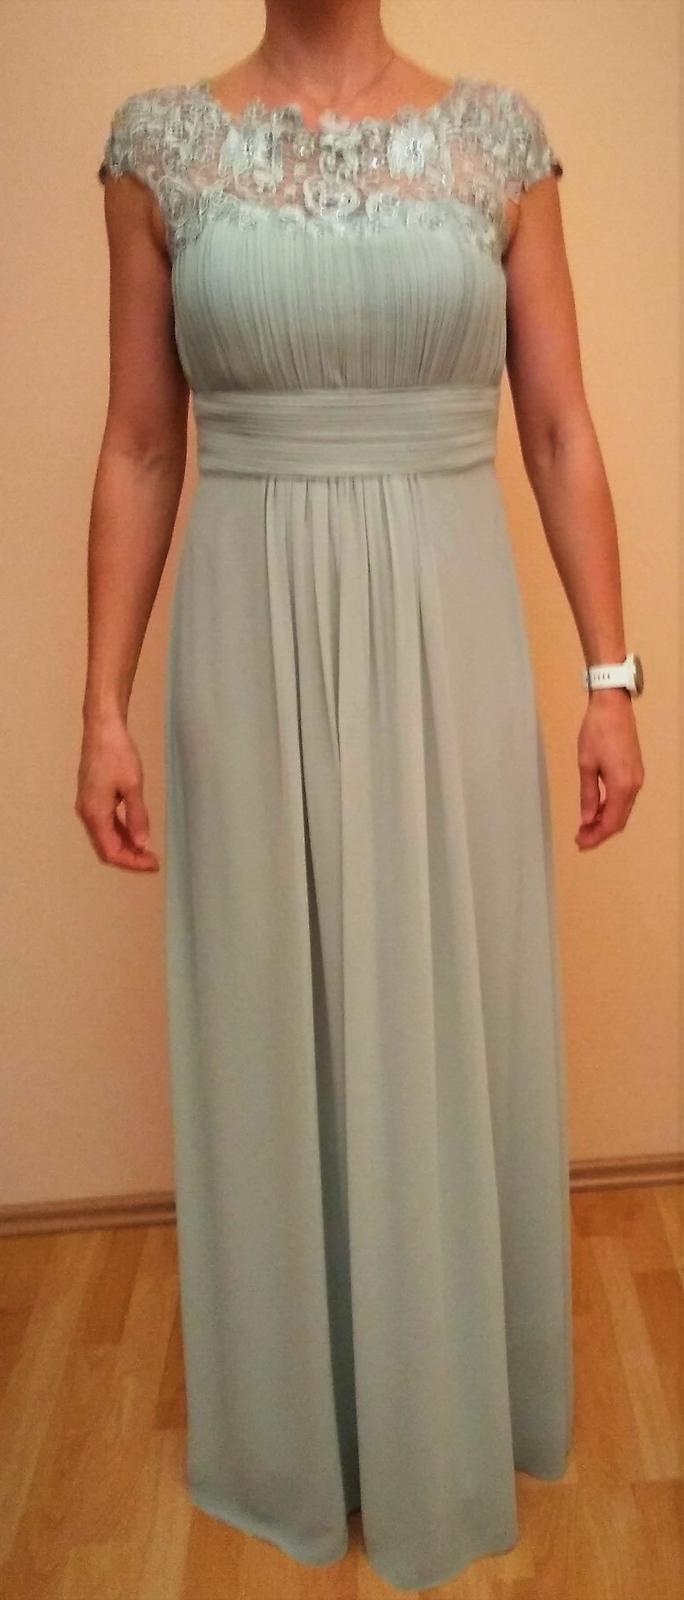 Ľahučké bledozelené šifónové šaty s krajkou - 38 6ae369fc34